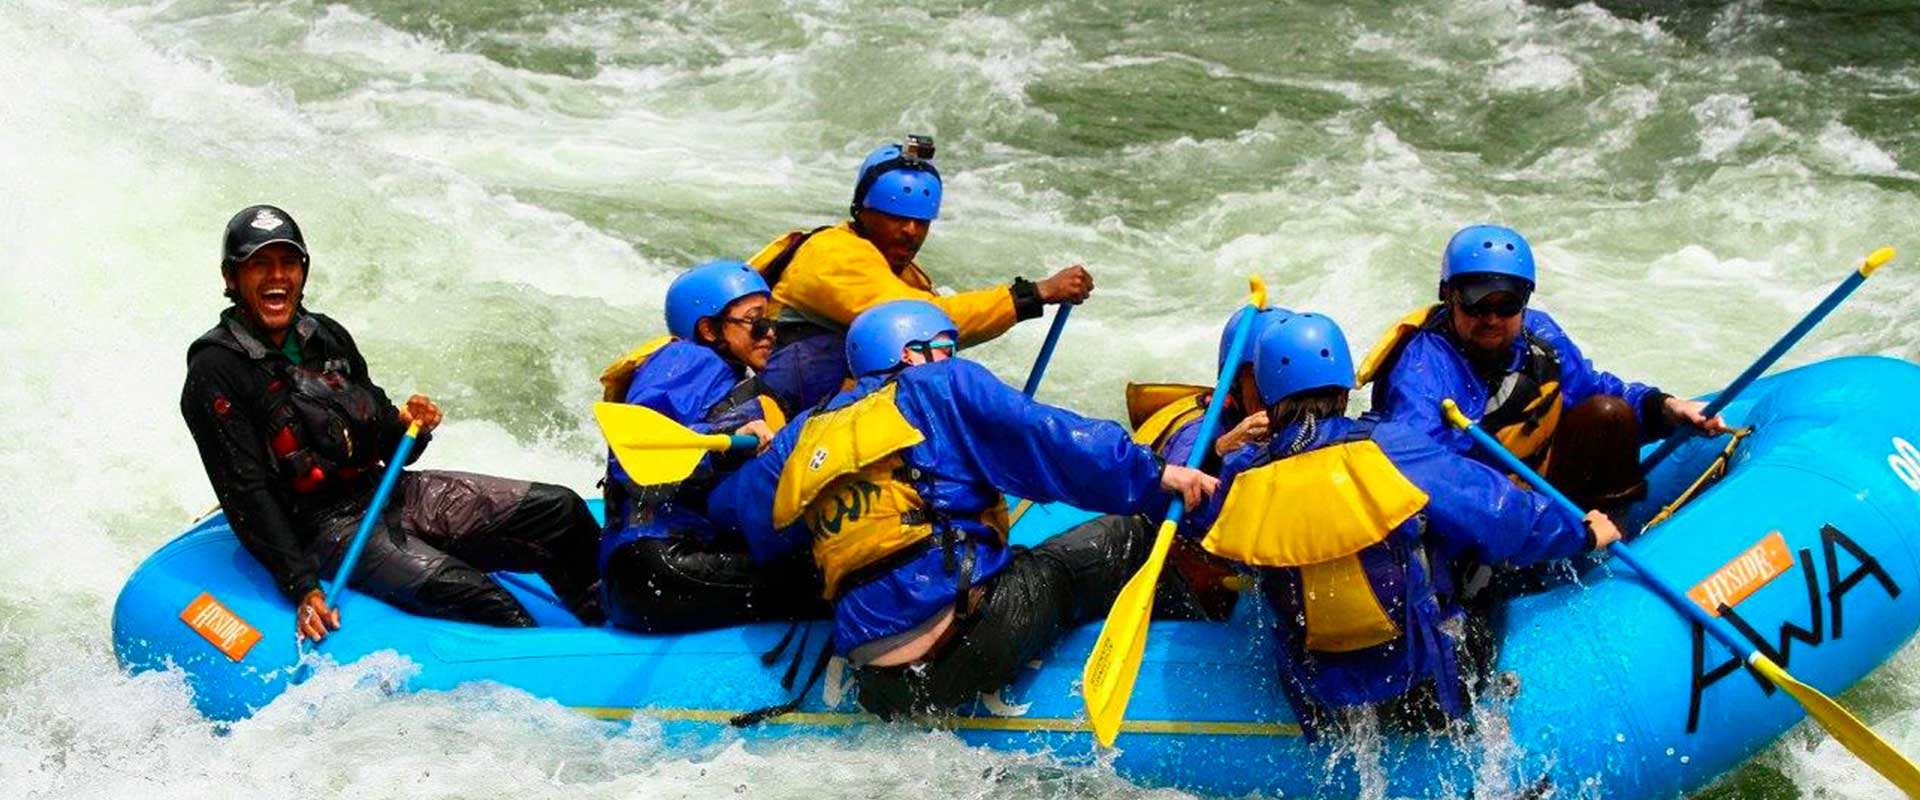 Rafting Apurimac River Black Canyon